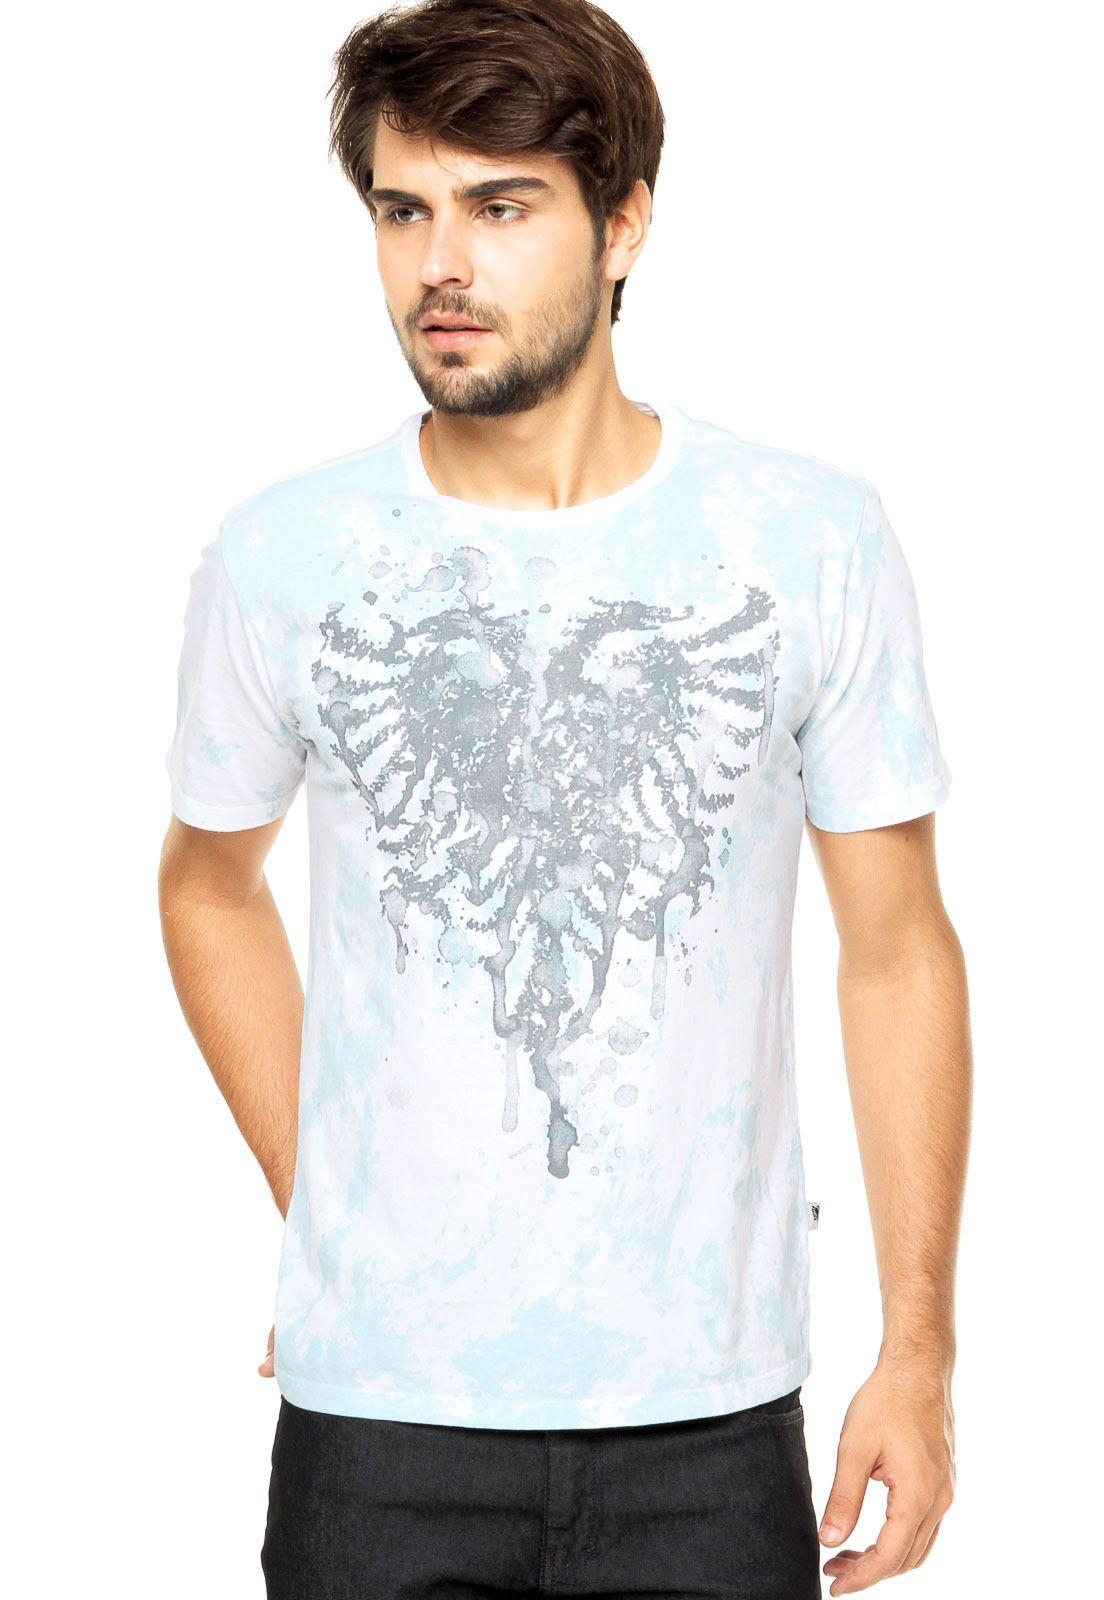 f6ab961d71 Camiseta Cavalera Branca - Compre Agora